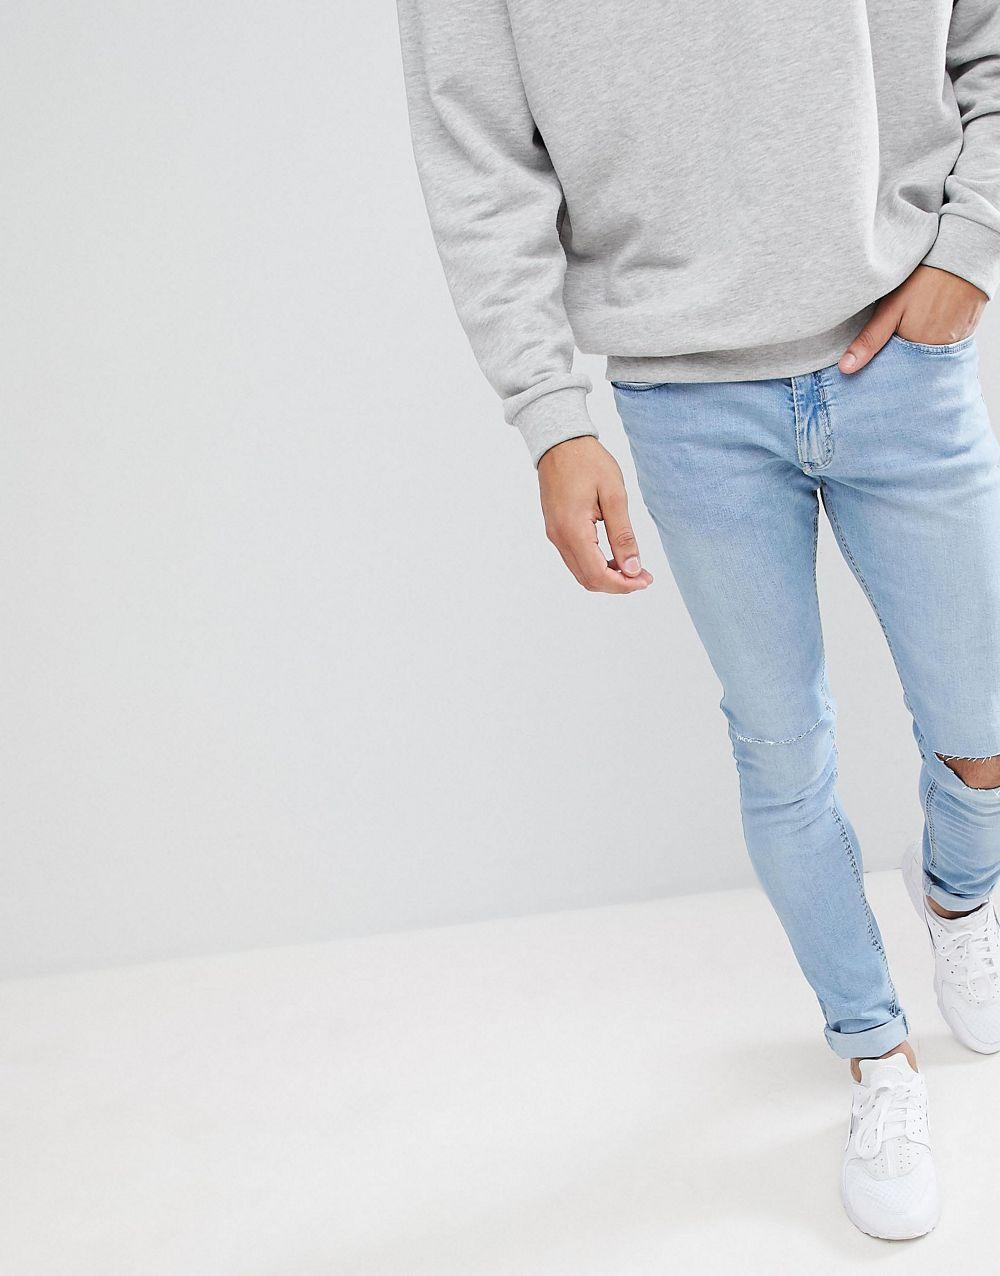 Закупки в великобритании подлинный весна улица мойка отверстие ноги хлопок мужчина движение джинсы 01.13